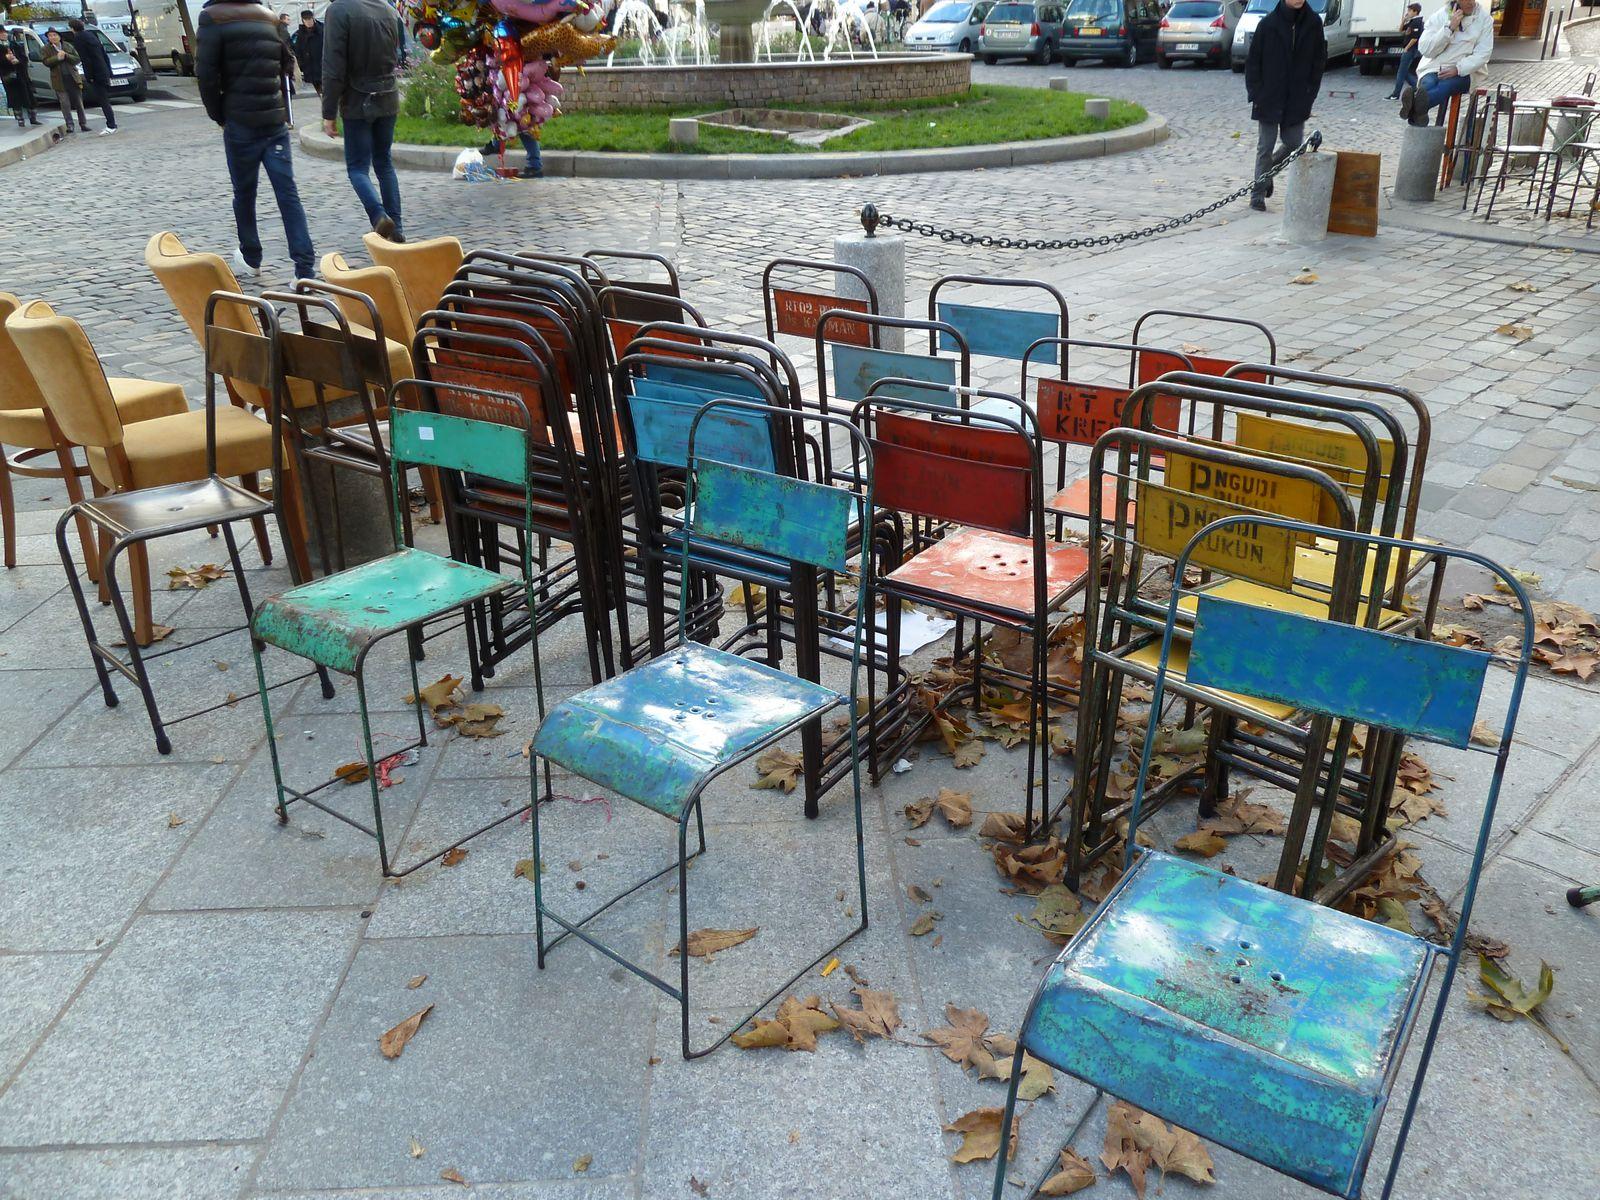 Des chaises, en fer soudé grossièrement, en provenance directe d'Inde, 65 € la chaise quand même, cherchez l'erreur !